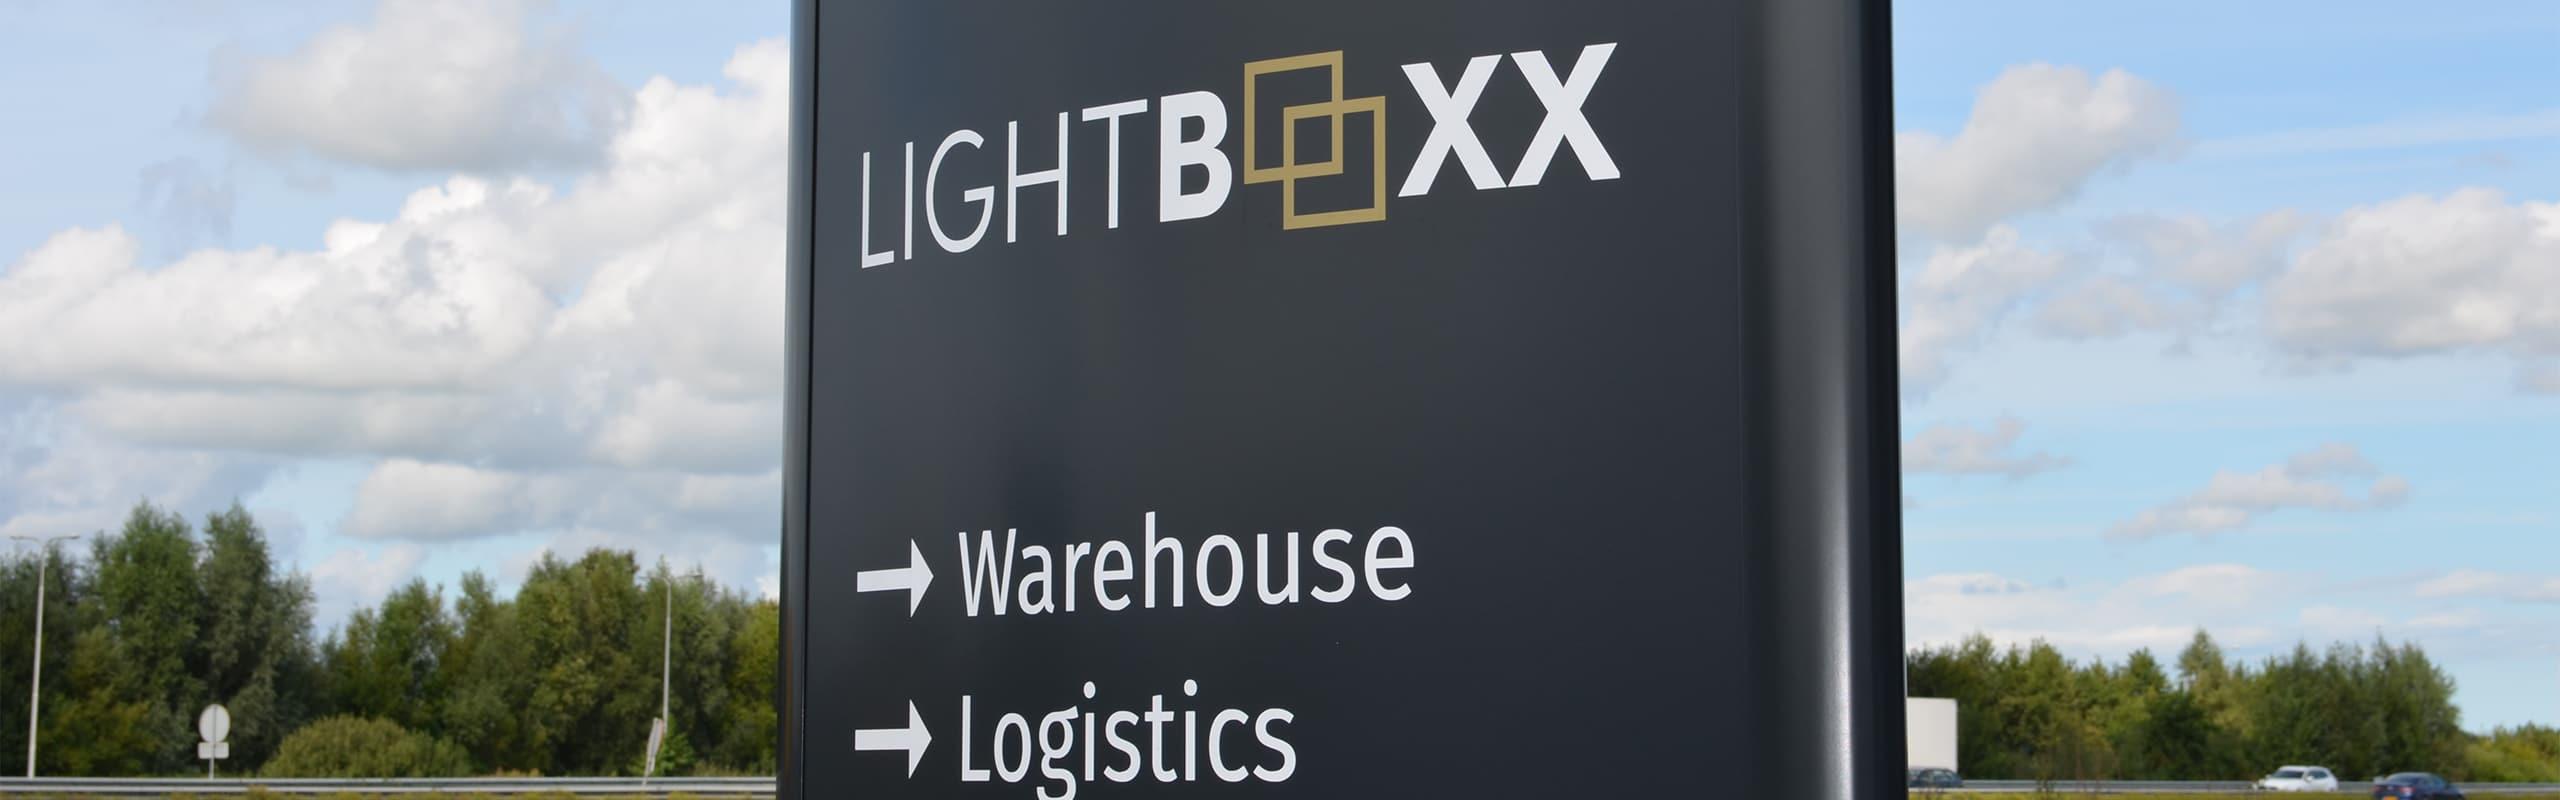 Powerlight Wordt Lightboxx Nijkerk Verlichting